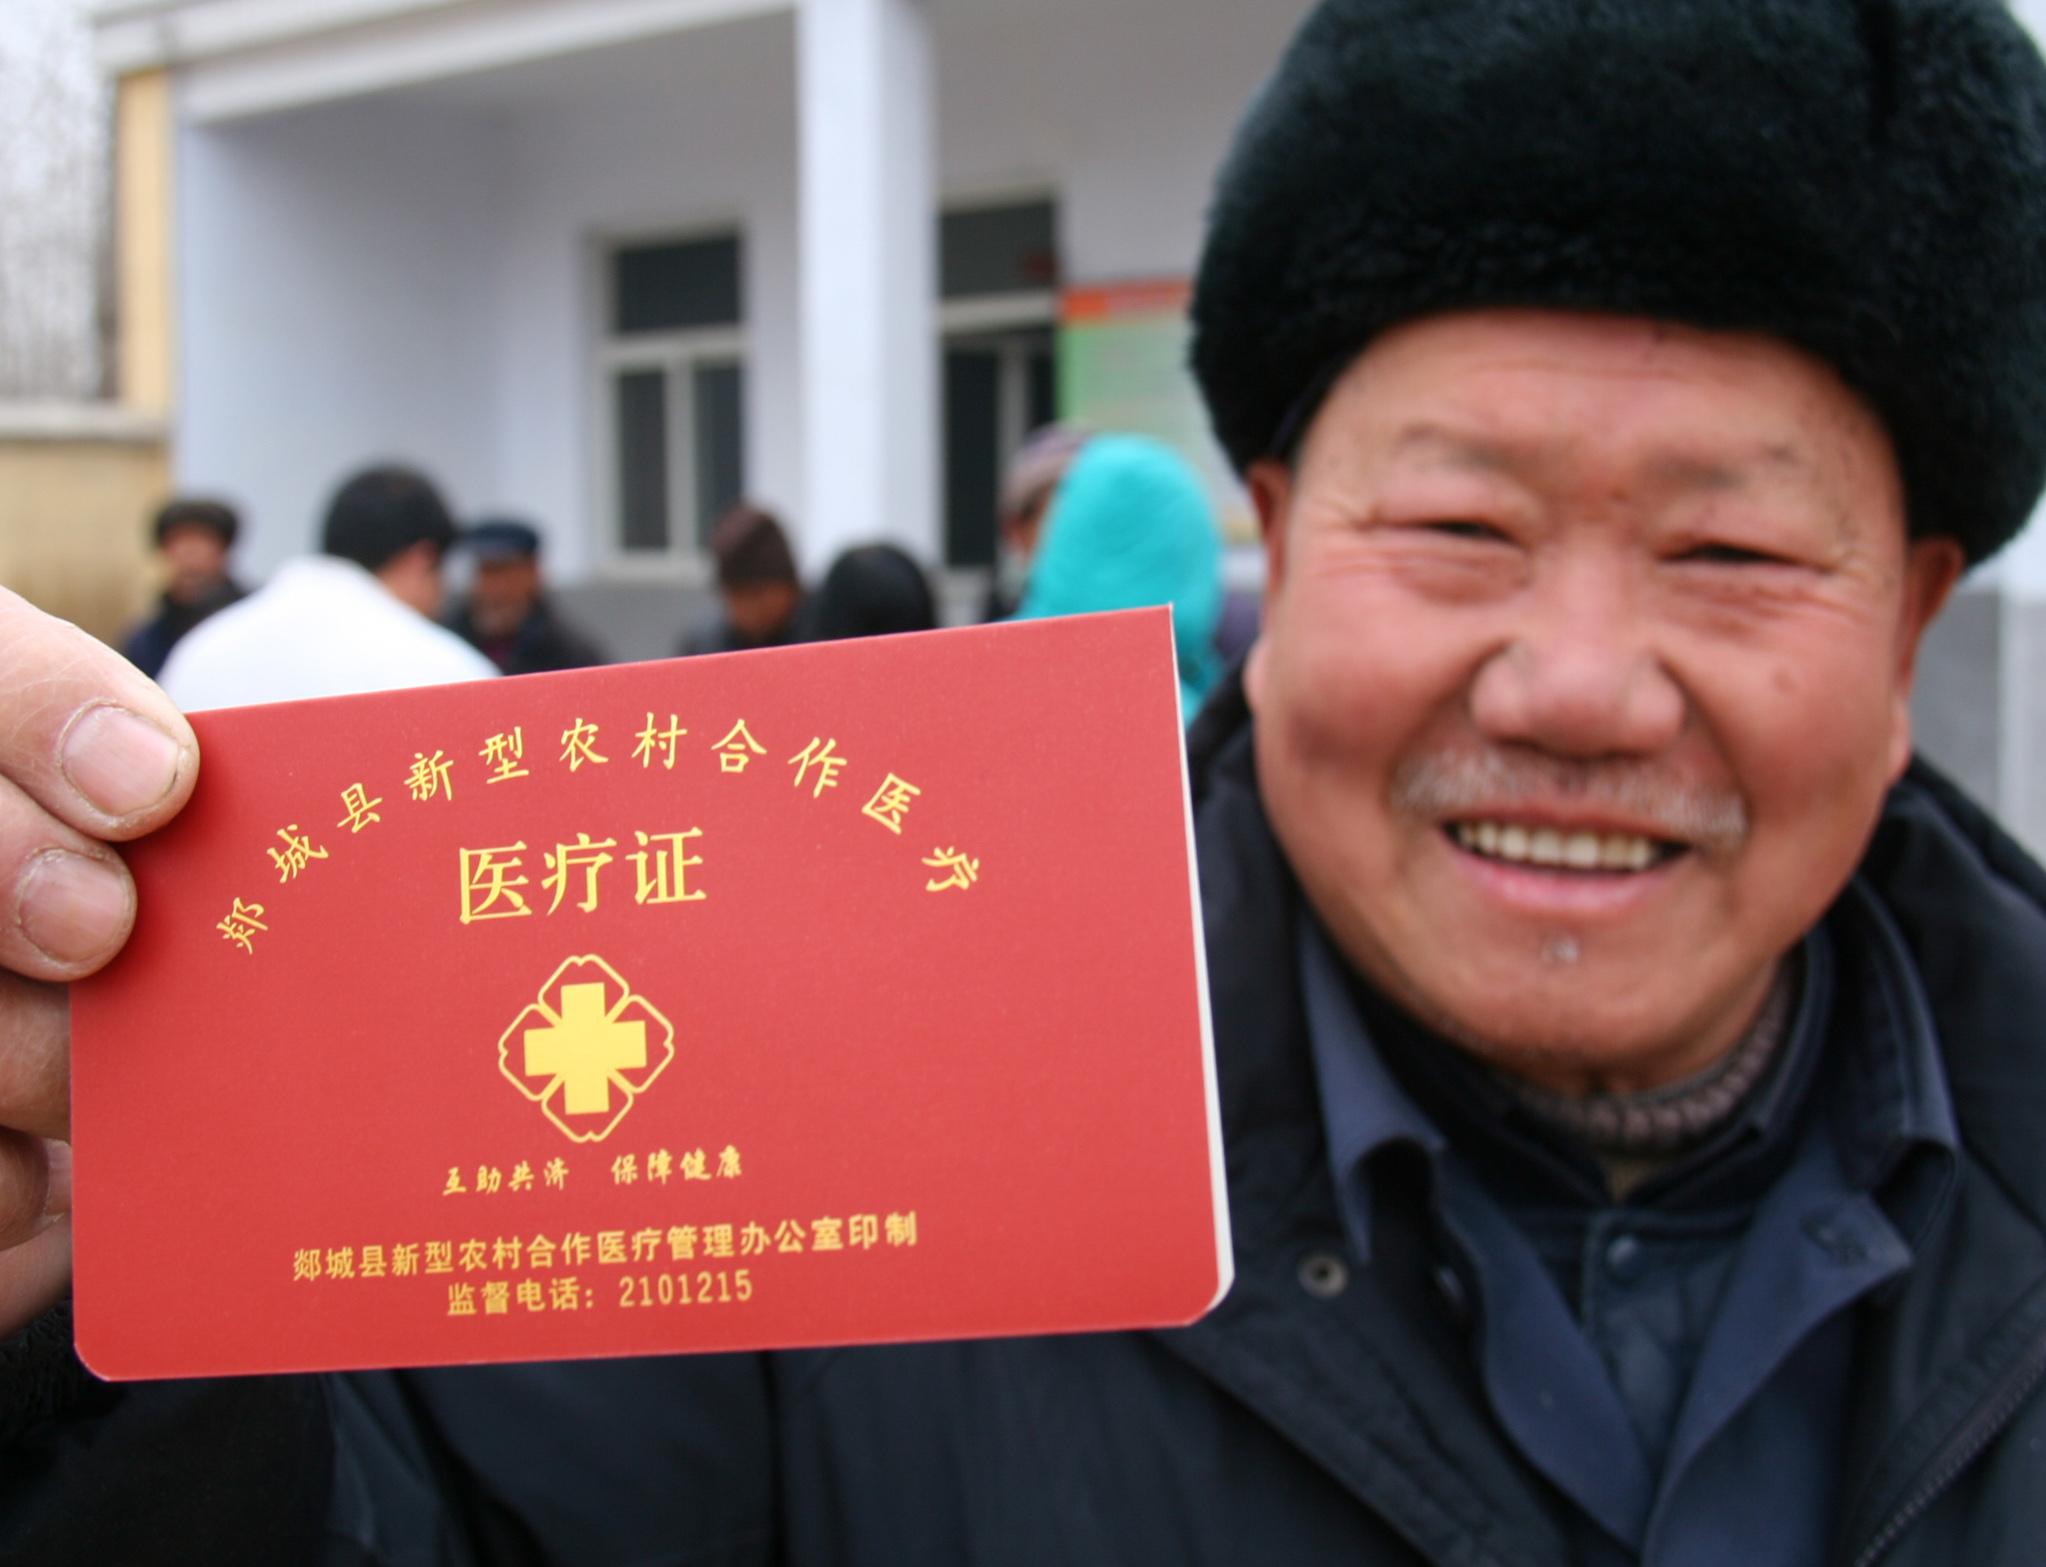 新农合_新农合医保_2012年新农合政策_新农合制度